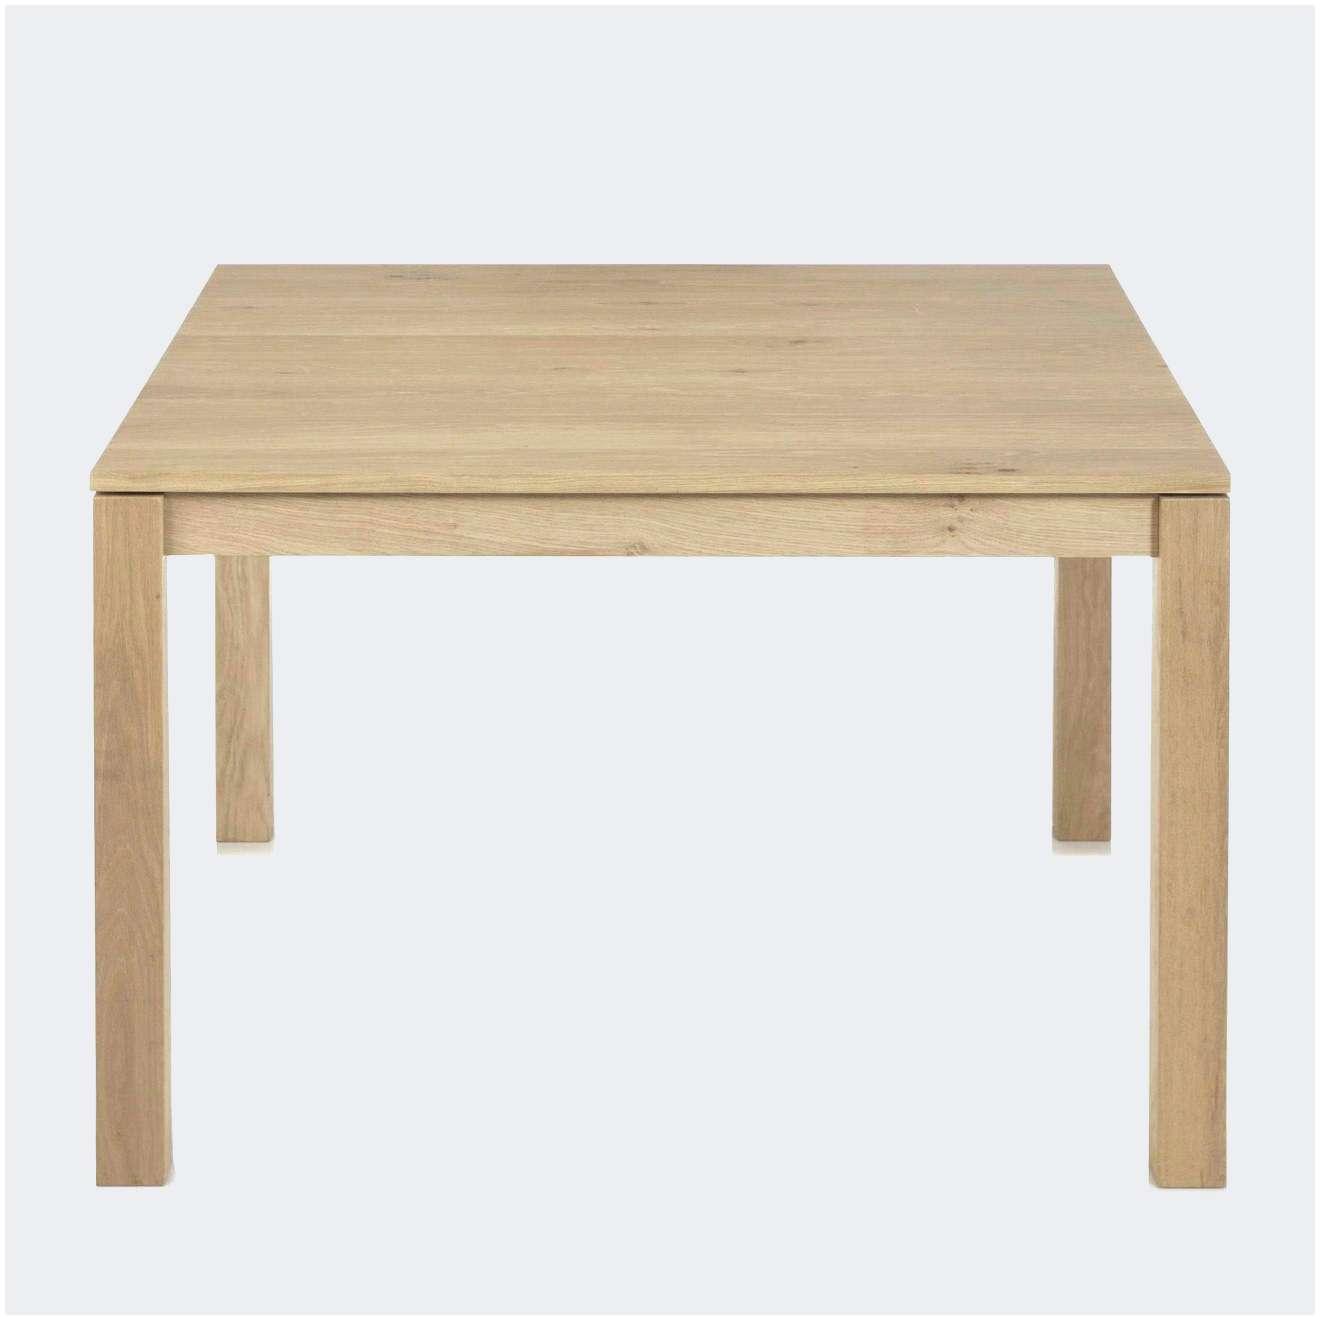 chaise pliante pas cher lot table pliante de jardin pas cher coolest table jardin ronde beau table pliante en bois nouveau luxe table pliante de jardin pas cher coolest table jardin ronde be